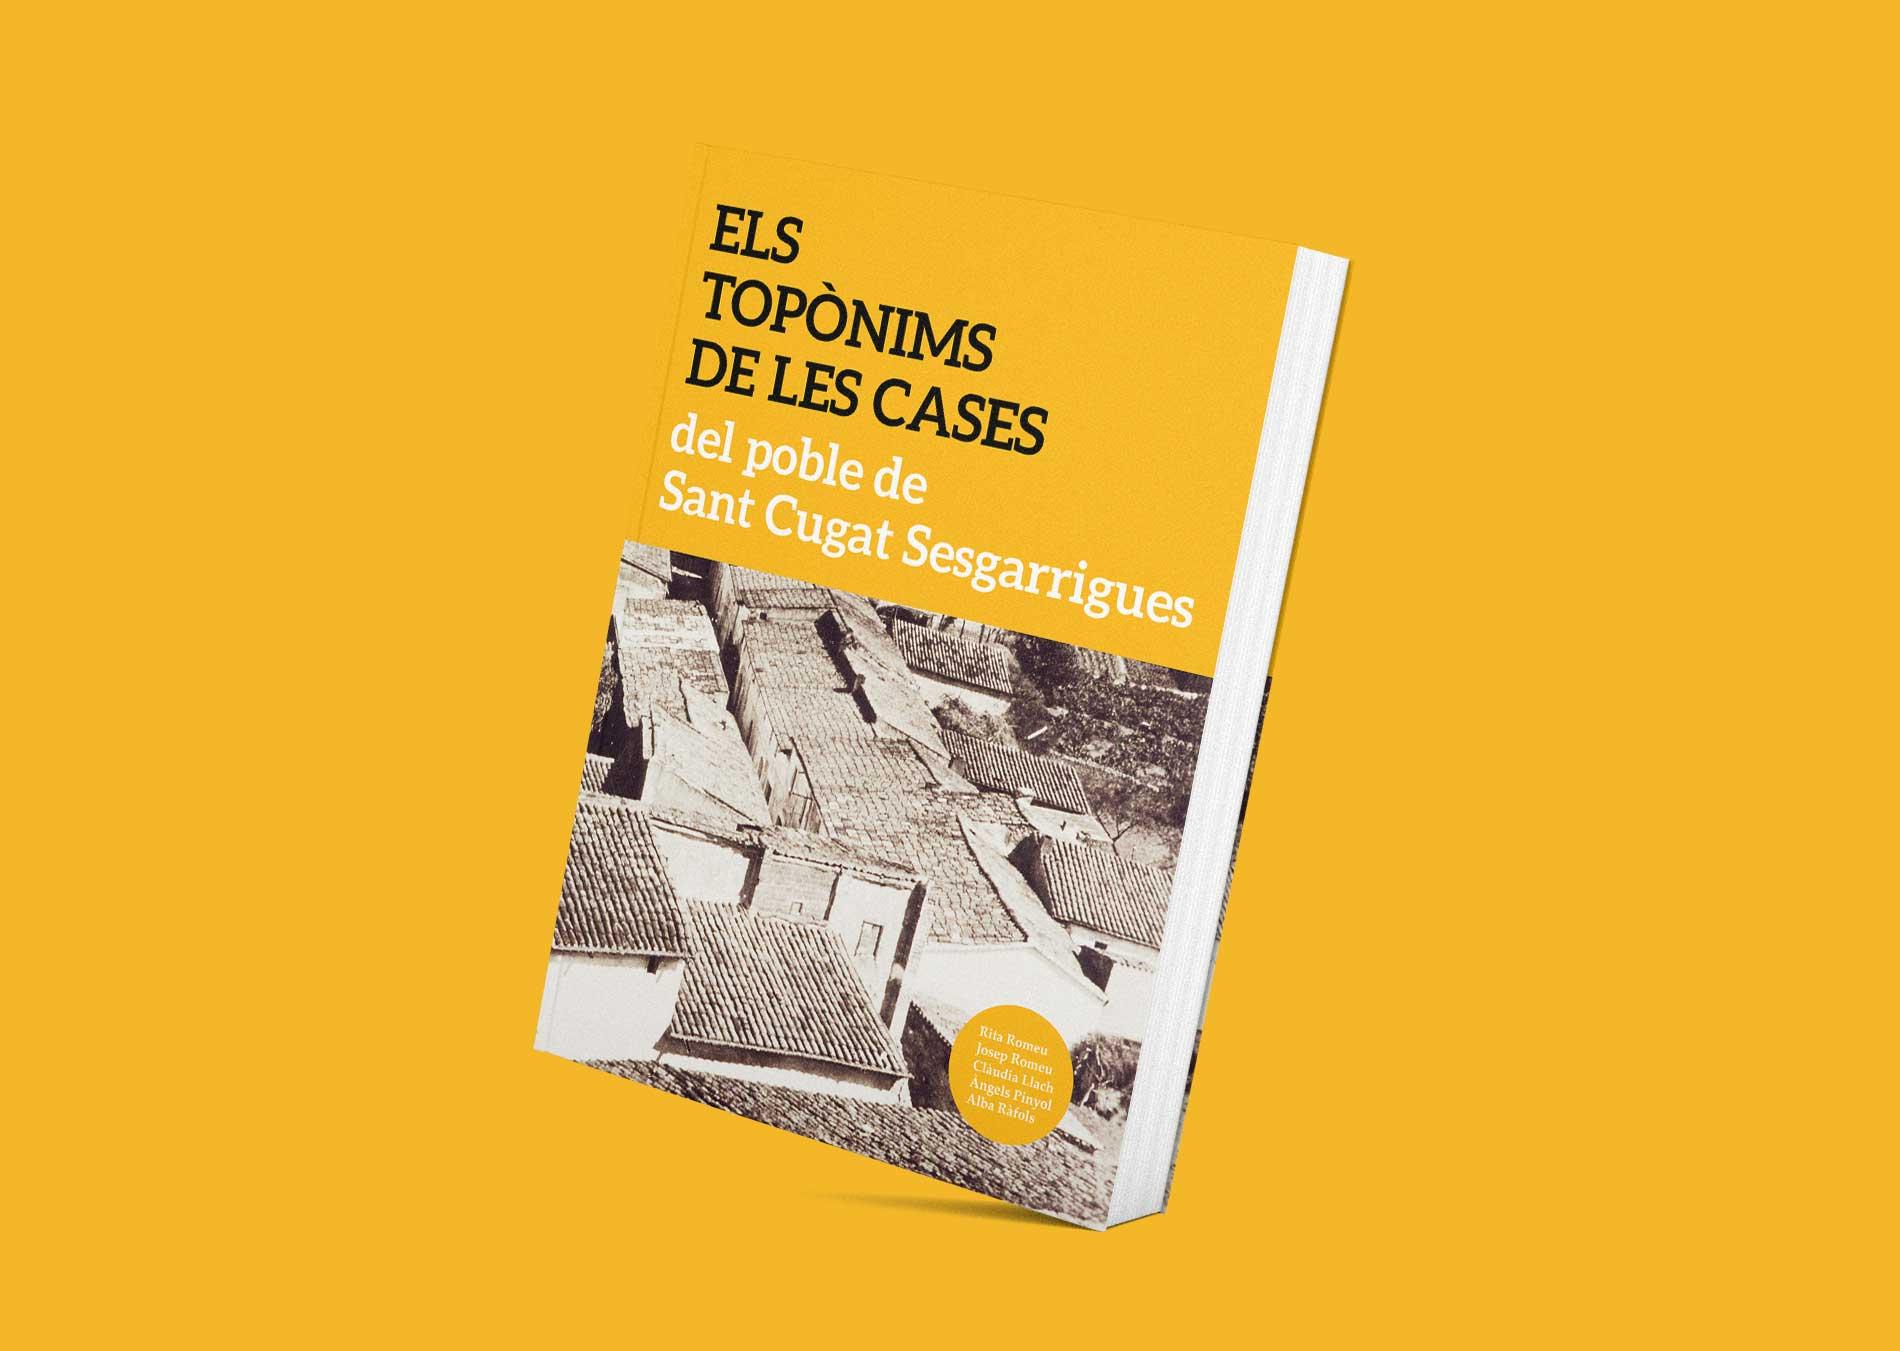 Els-Toponims-Sant-Cugat-Sesgarrigues-Disculpi-Studio-Angels-Pinyol-Llibres-Books-Design-Disseny-Graifc